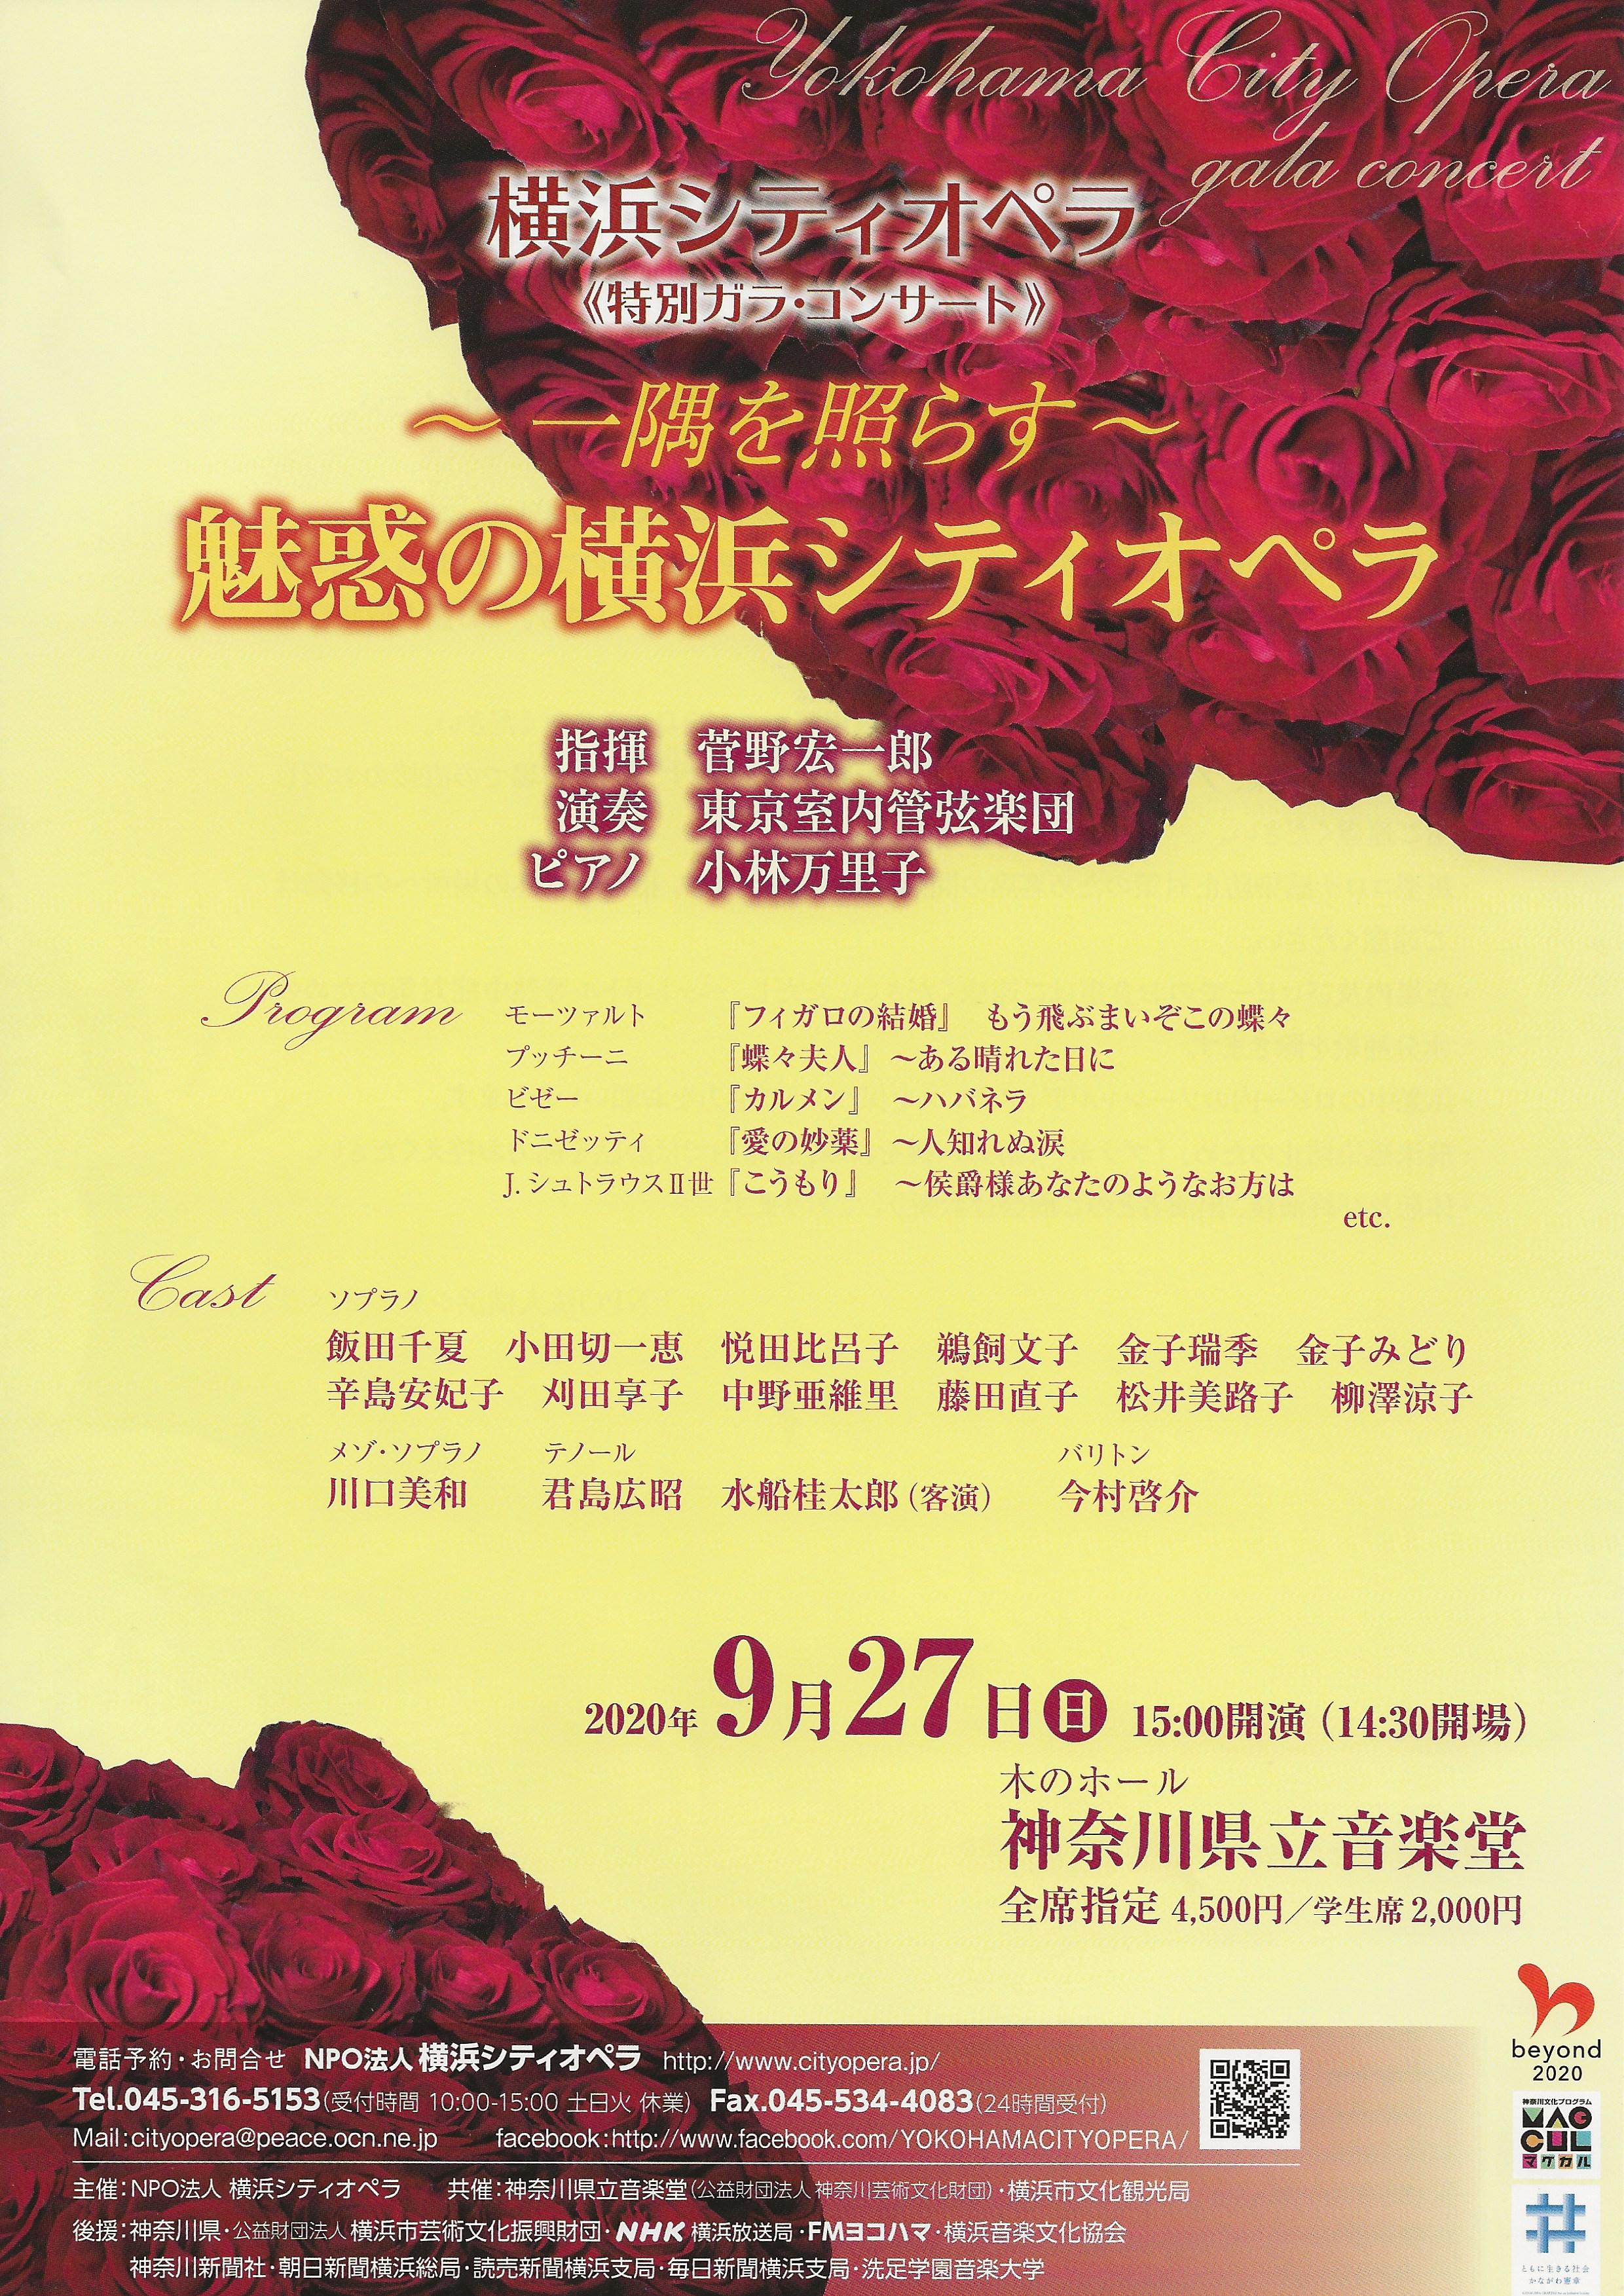 特別ガラ-コンサート ~一隅を照らす~ 魅惑の横浜シティオペラ